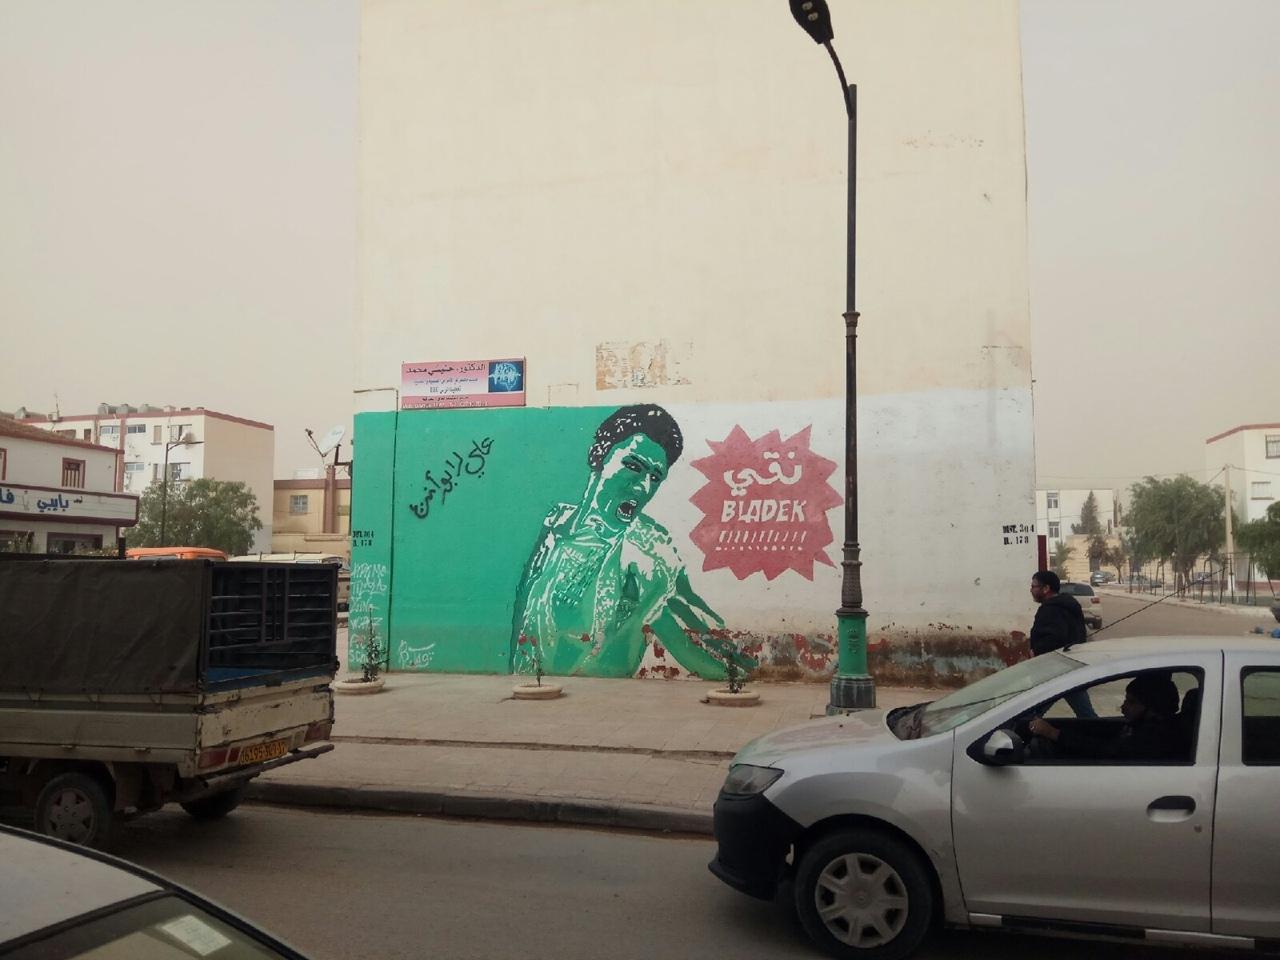 Загадка: по мотивам какого фильма граффити?